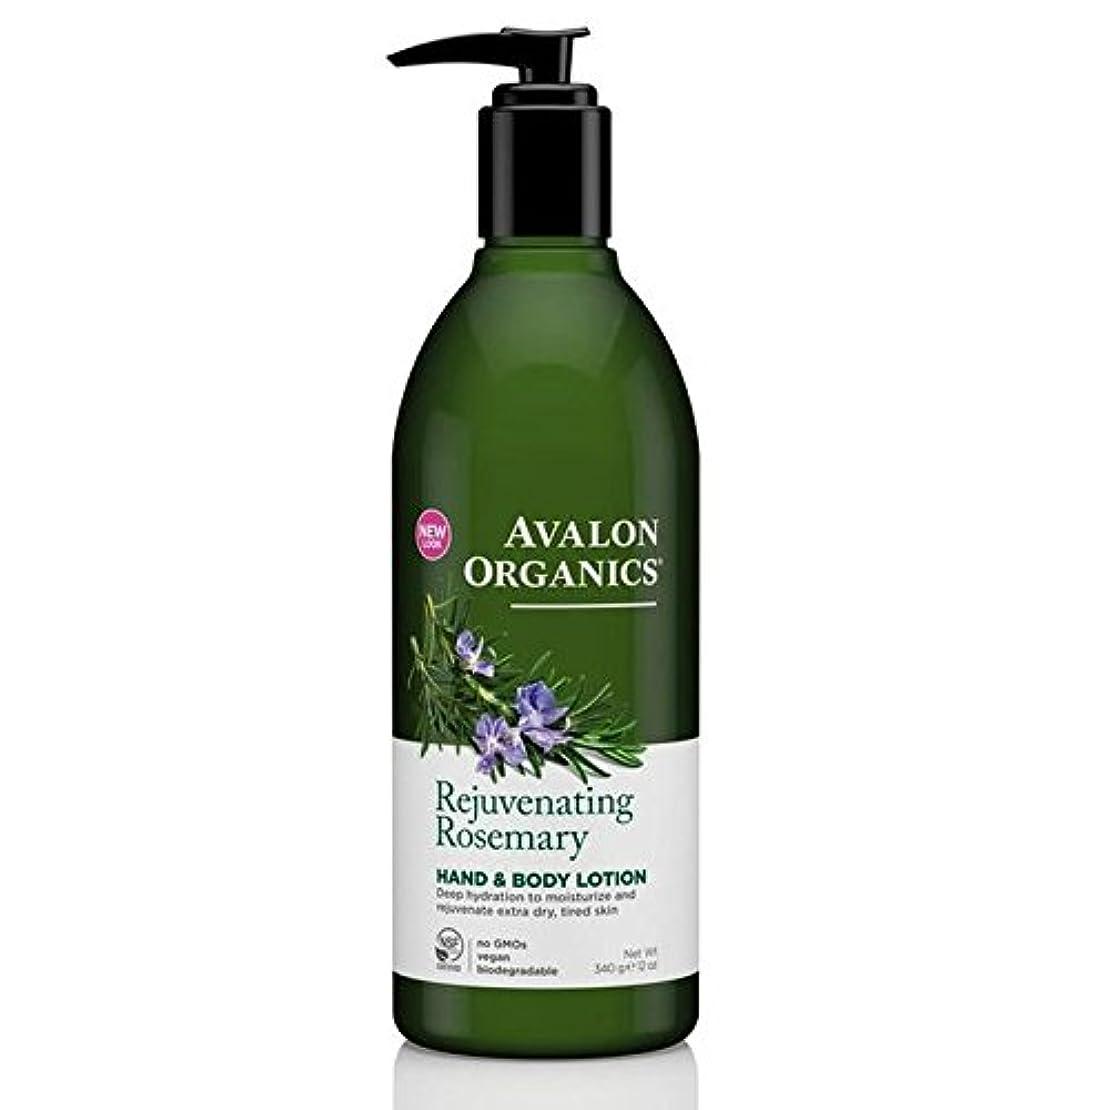 追い出す行進つぶやきAvalon Organics Rosemary Hand & Body Lotion 340g - (Avalon) ローズマリーハンド&ボディローション340グラム [並行輸入品]